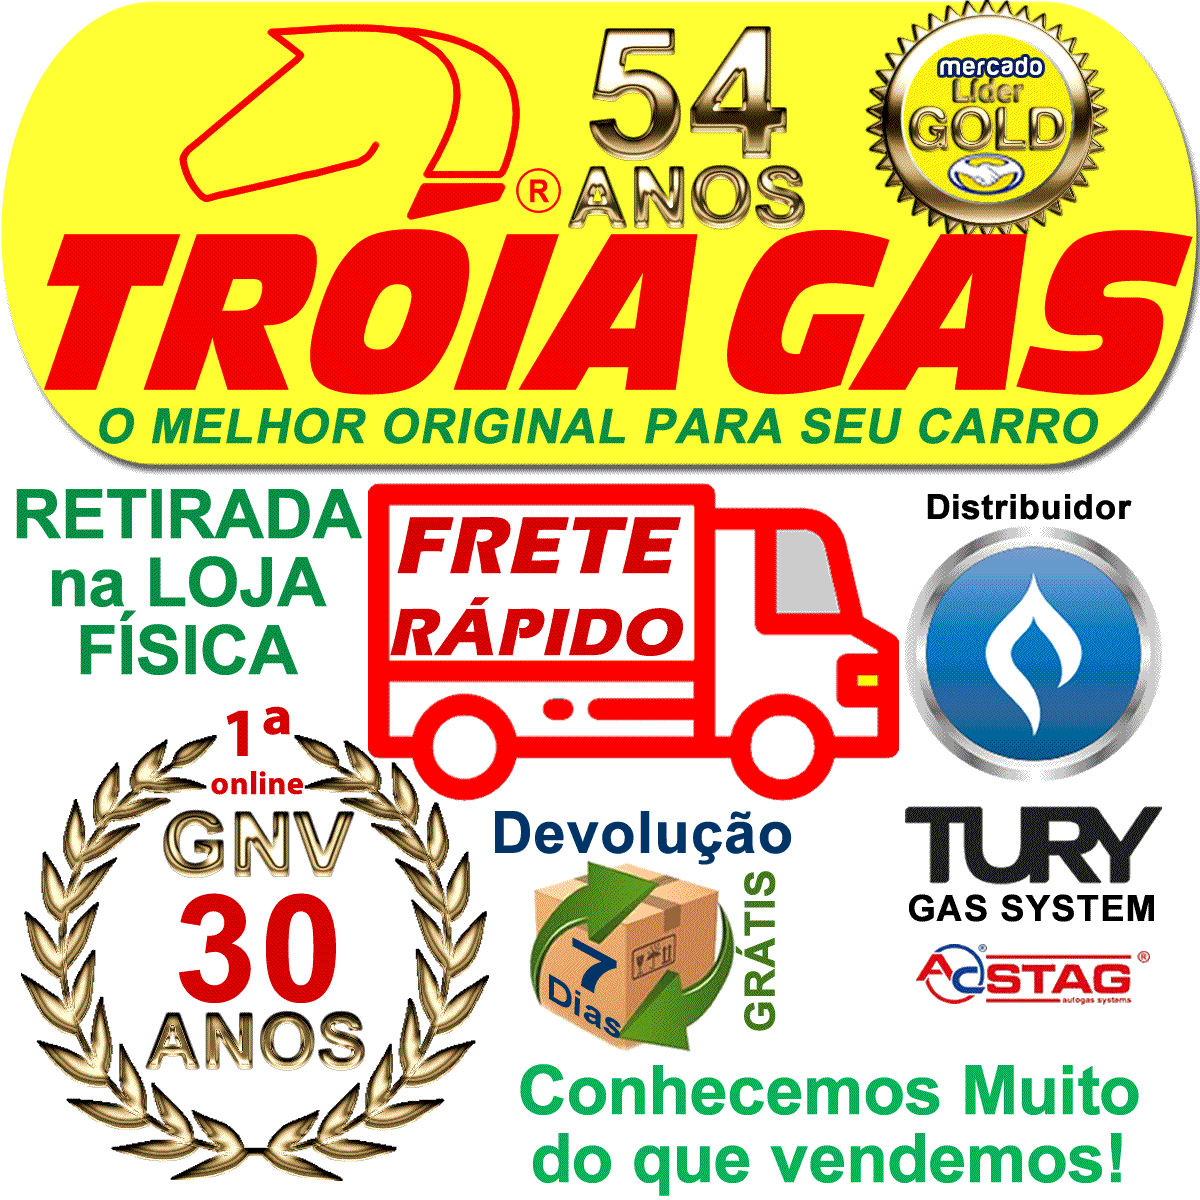 5 Filtros GNV 14 mm TROIAGAS 5ª e 6ª geração protege bicos Landi Renzo, Lovato